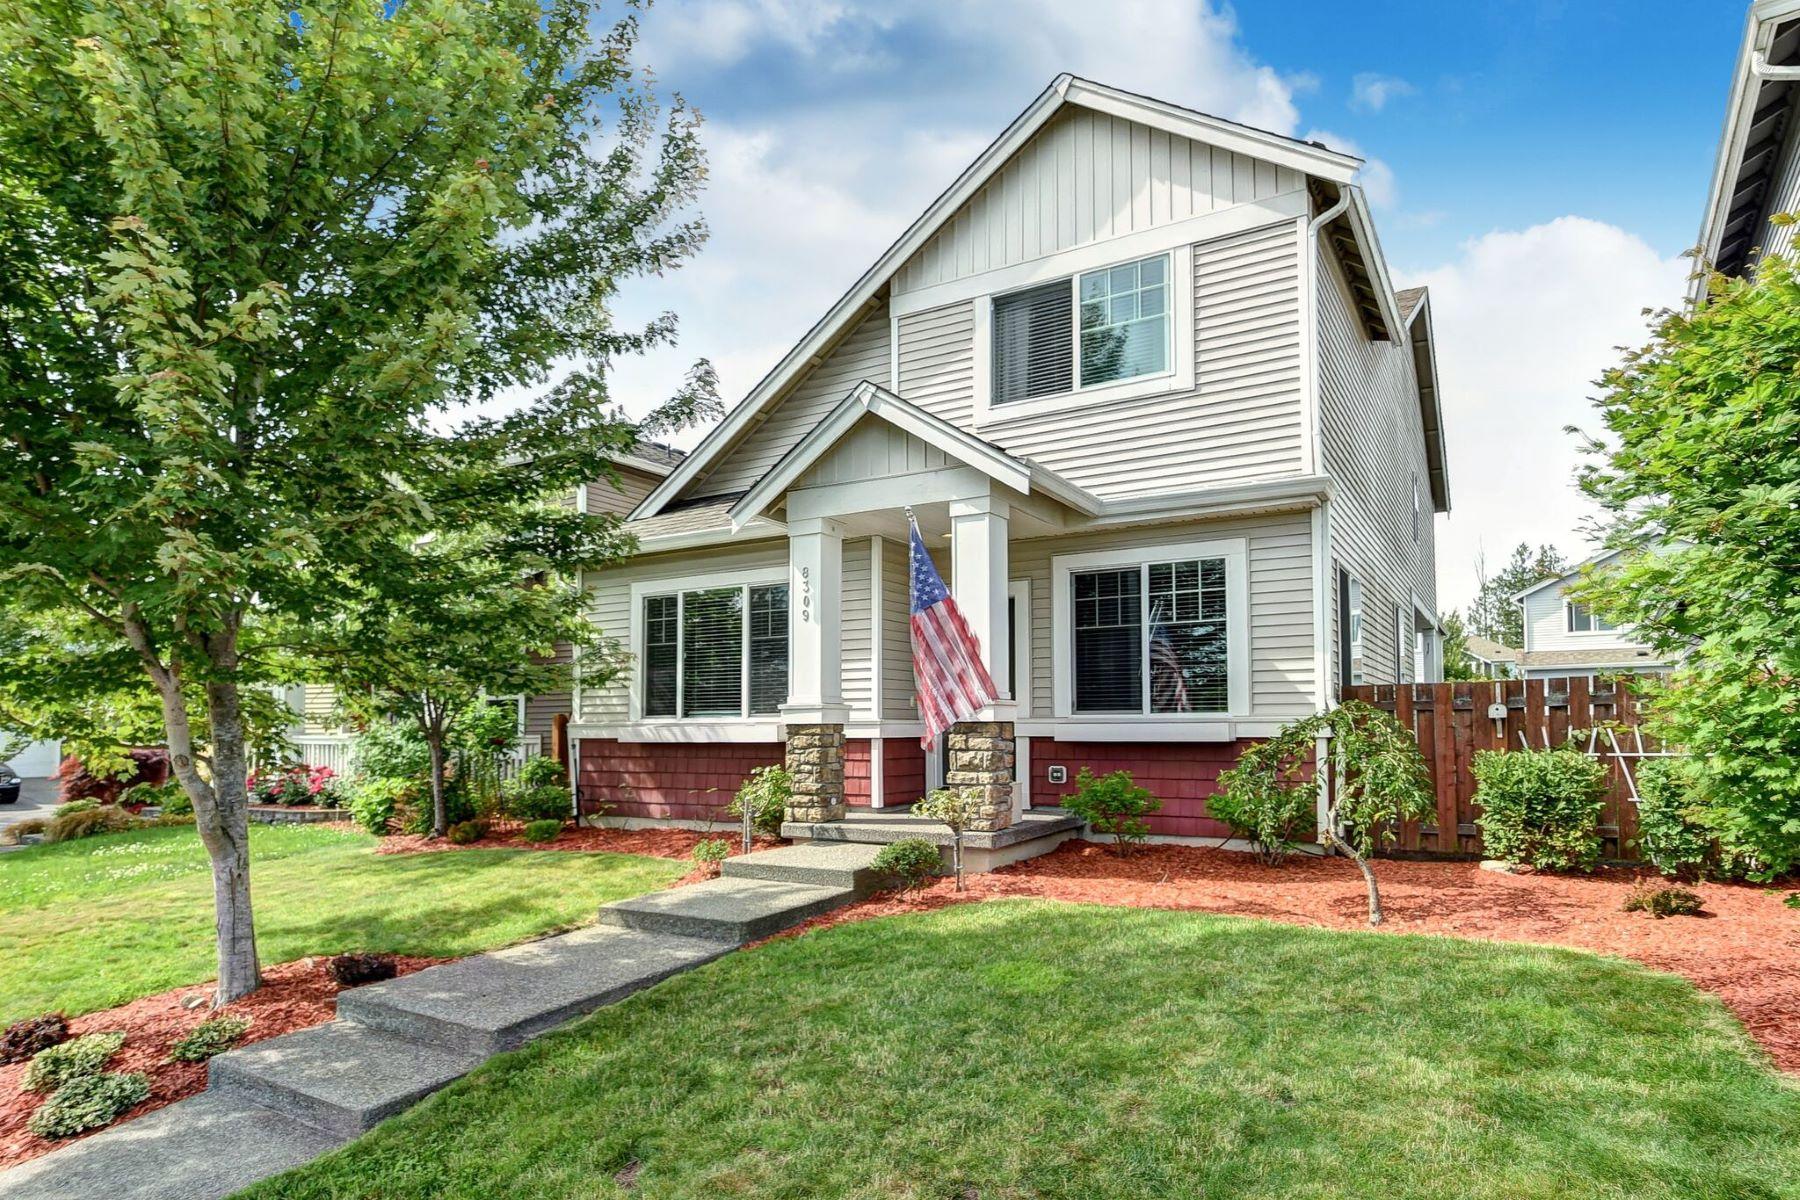 Condominiums for Sale at 8309 21st St NE, Lake Stevens, WA 98258 8309 21st St NE Lake Stevens, Washington 98258 United States